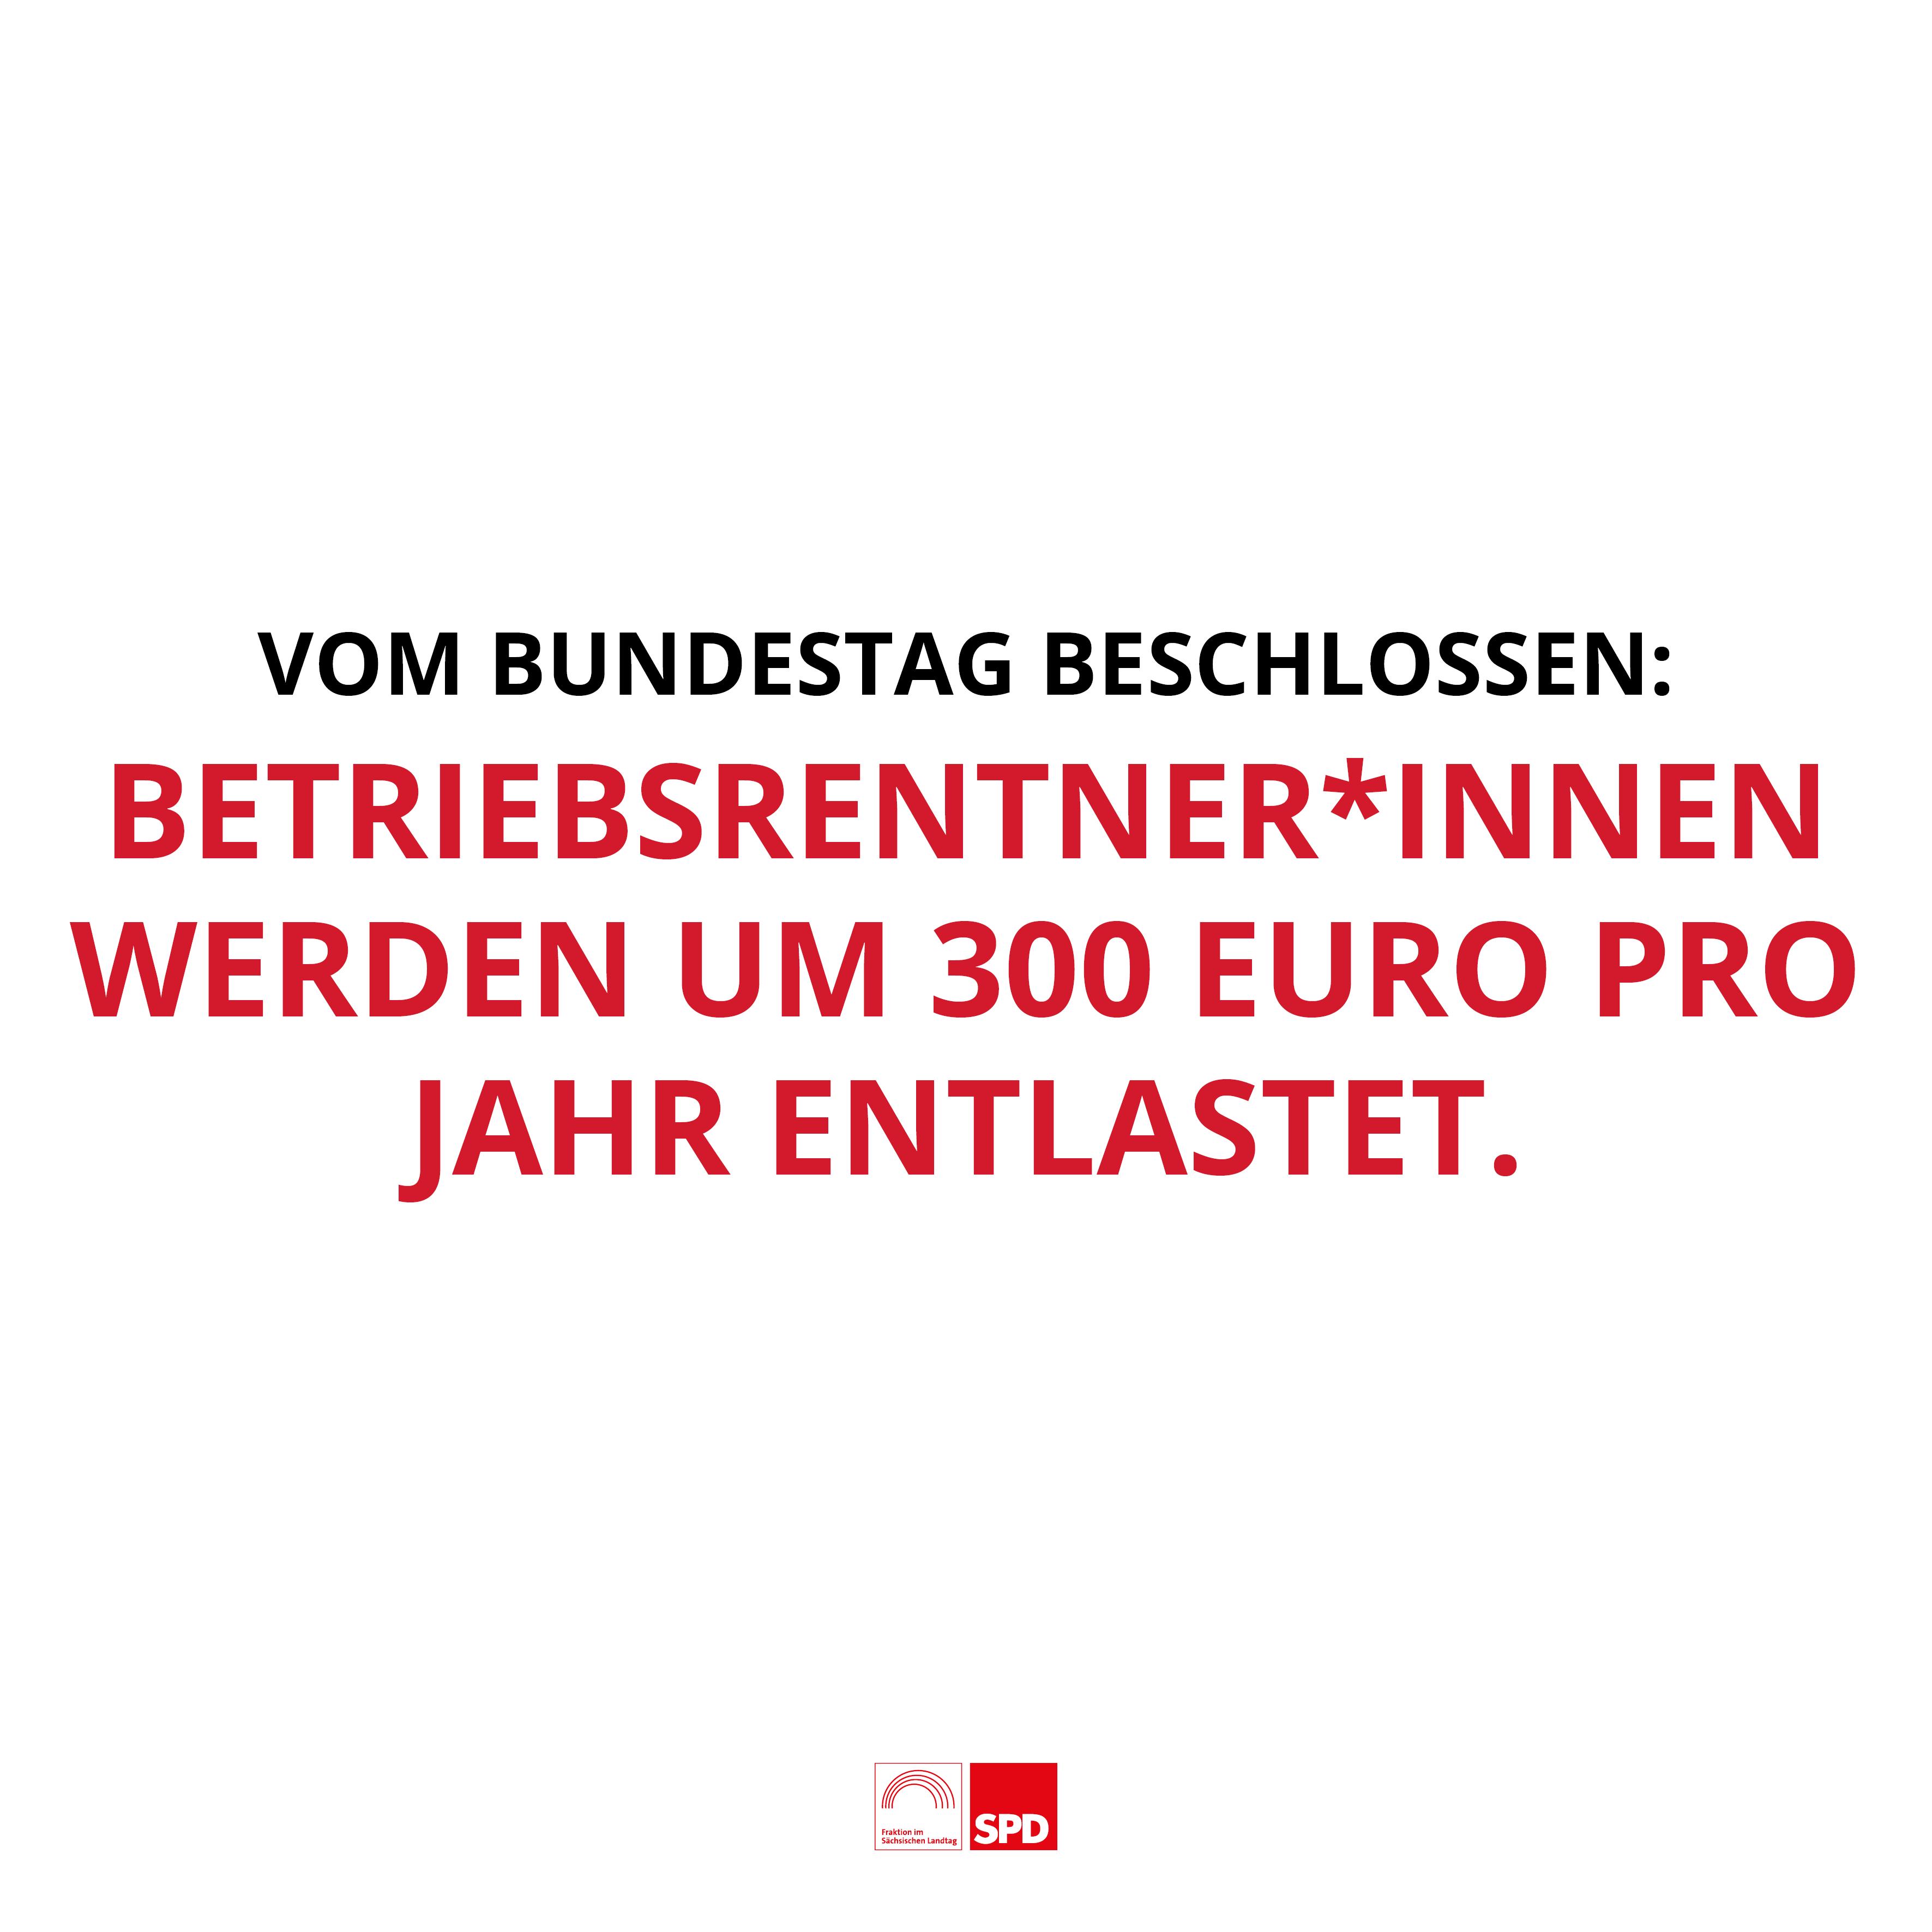 Spürbare Entlastungen für Betriebsrentner*innen vom Bundestag beschlossen